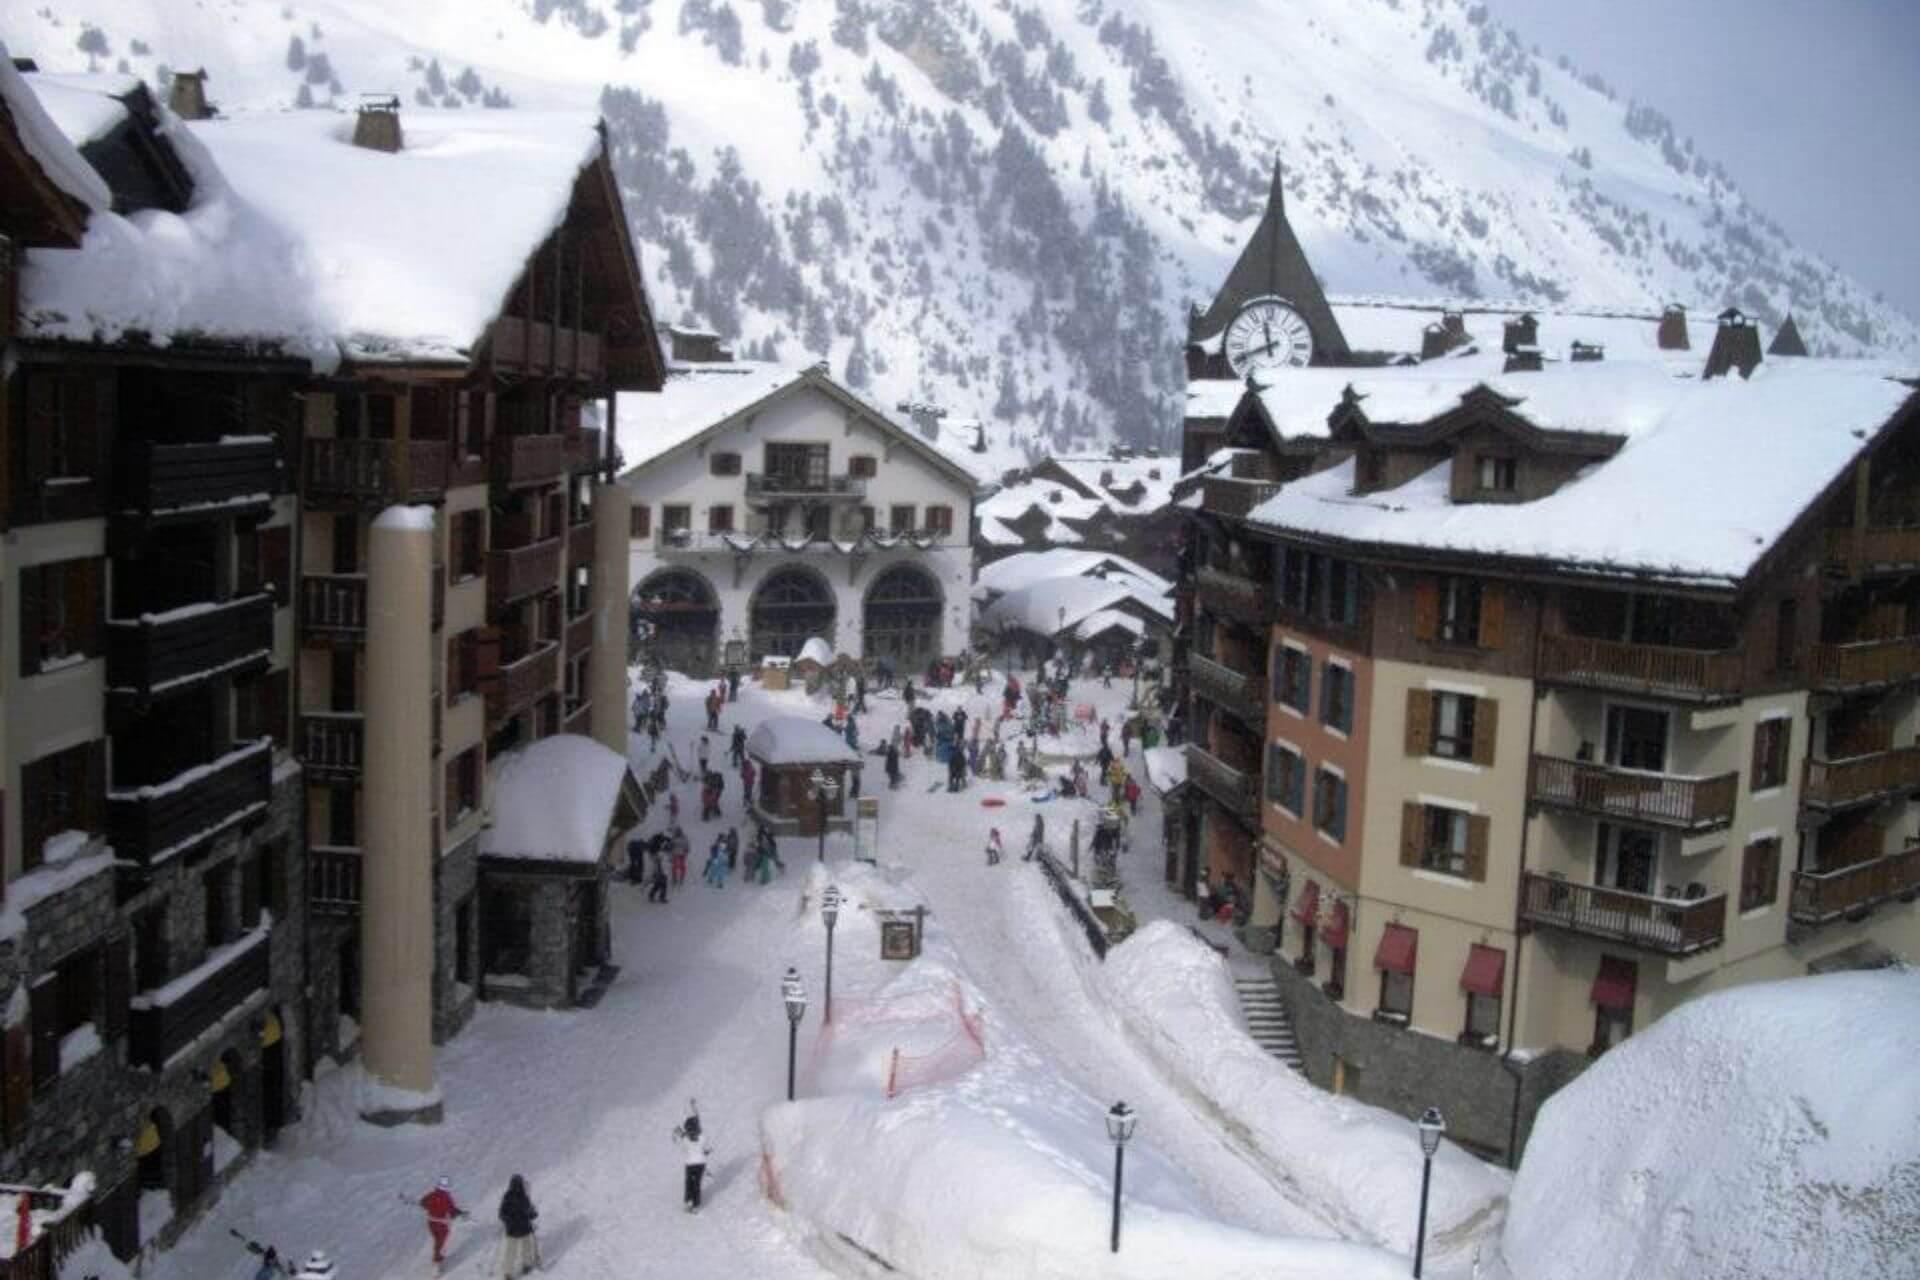 Najwyżej położone ośrodki w Alpach - Les Arcs